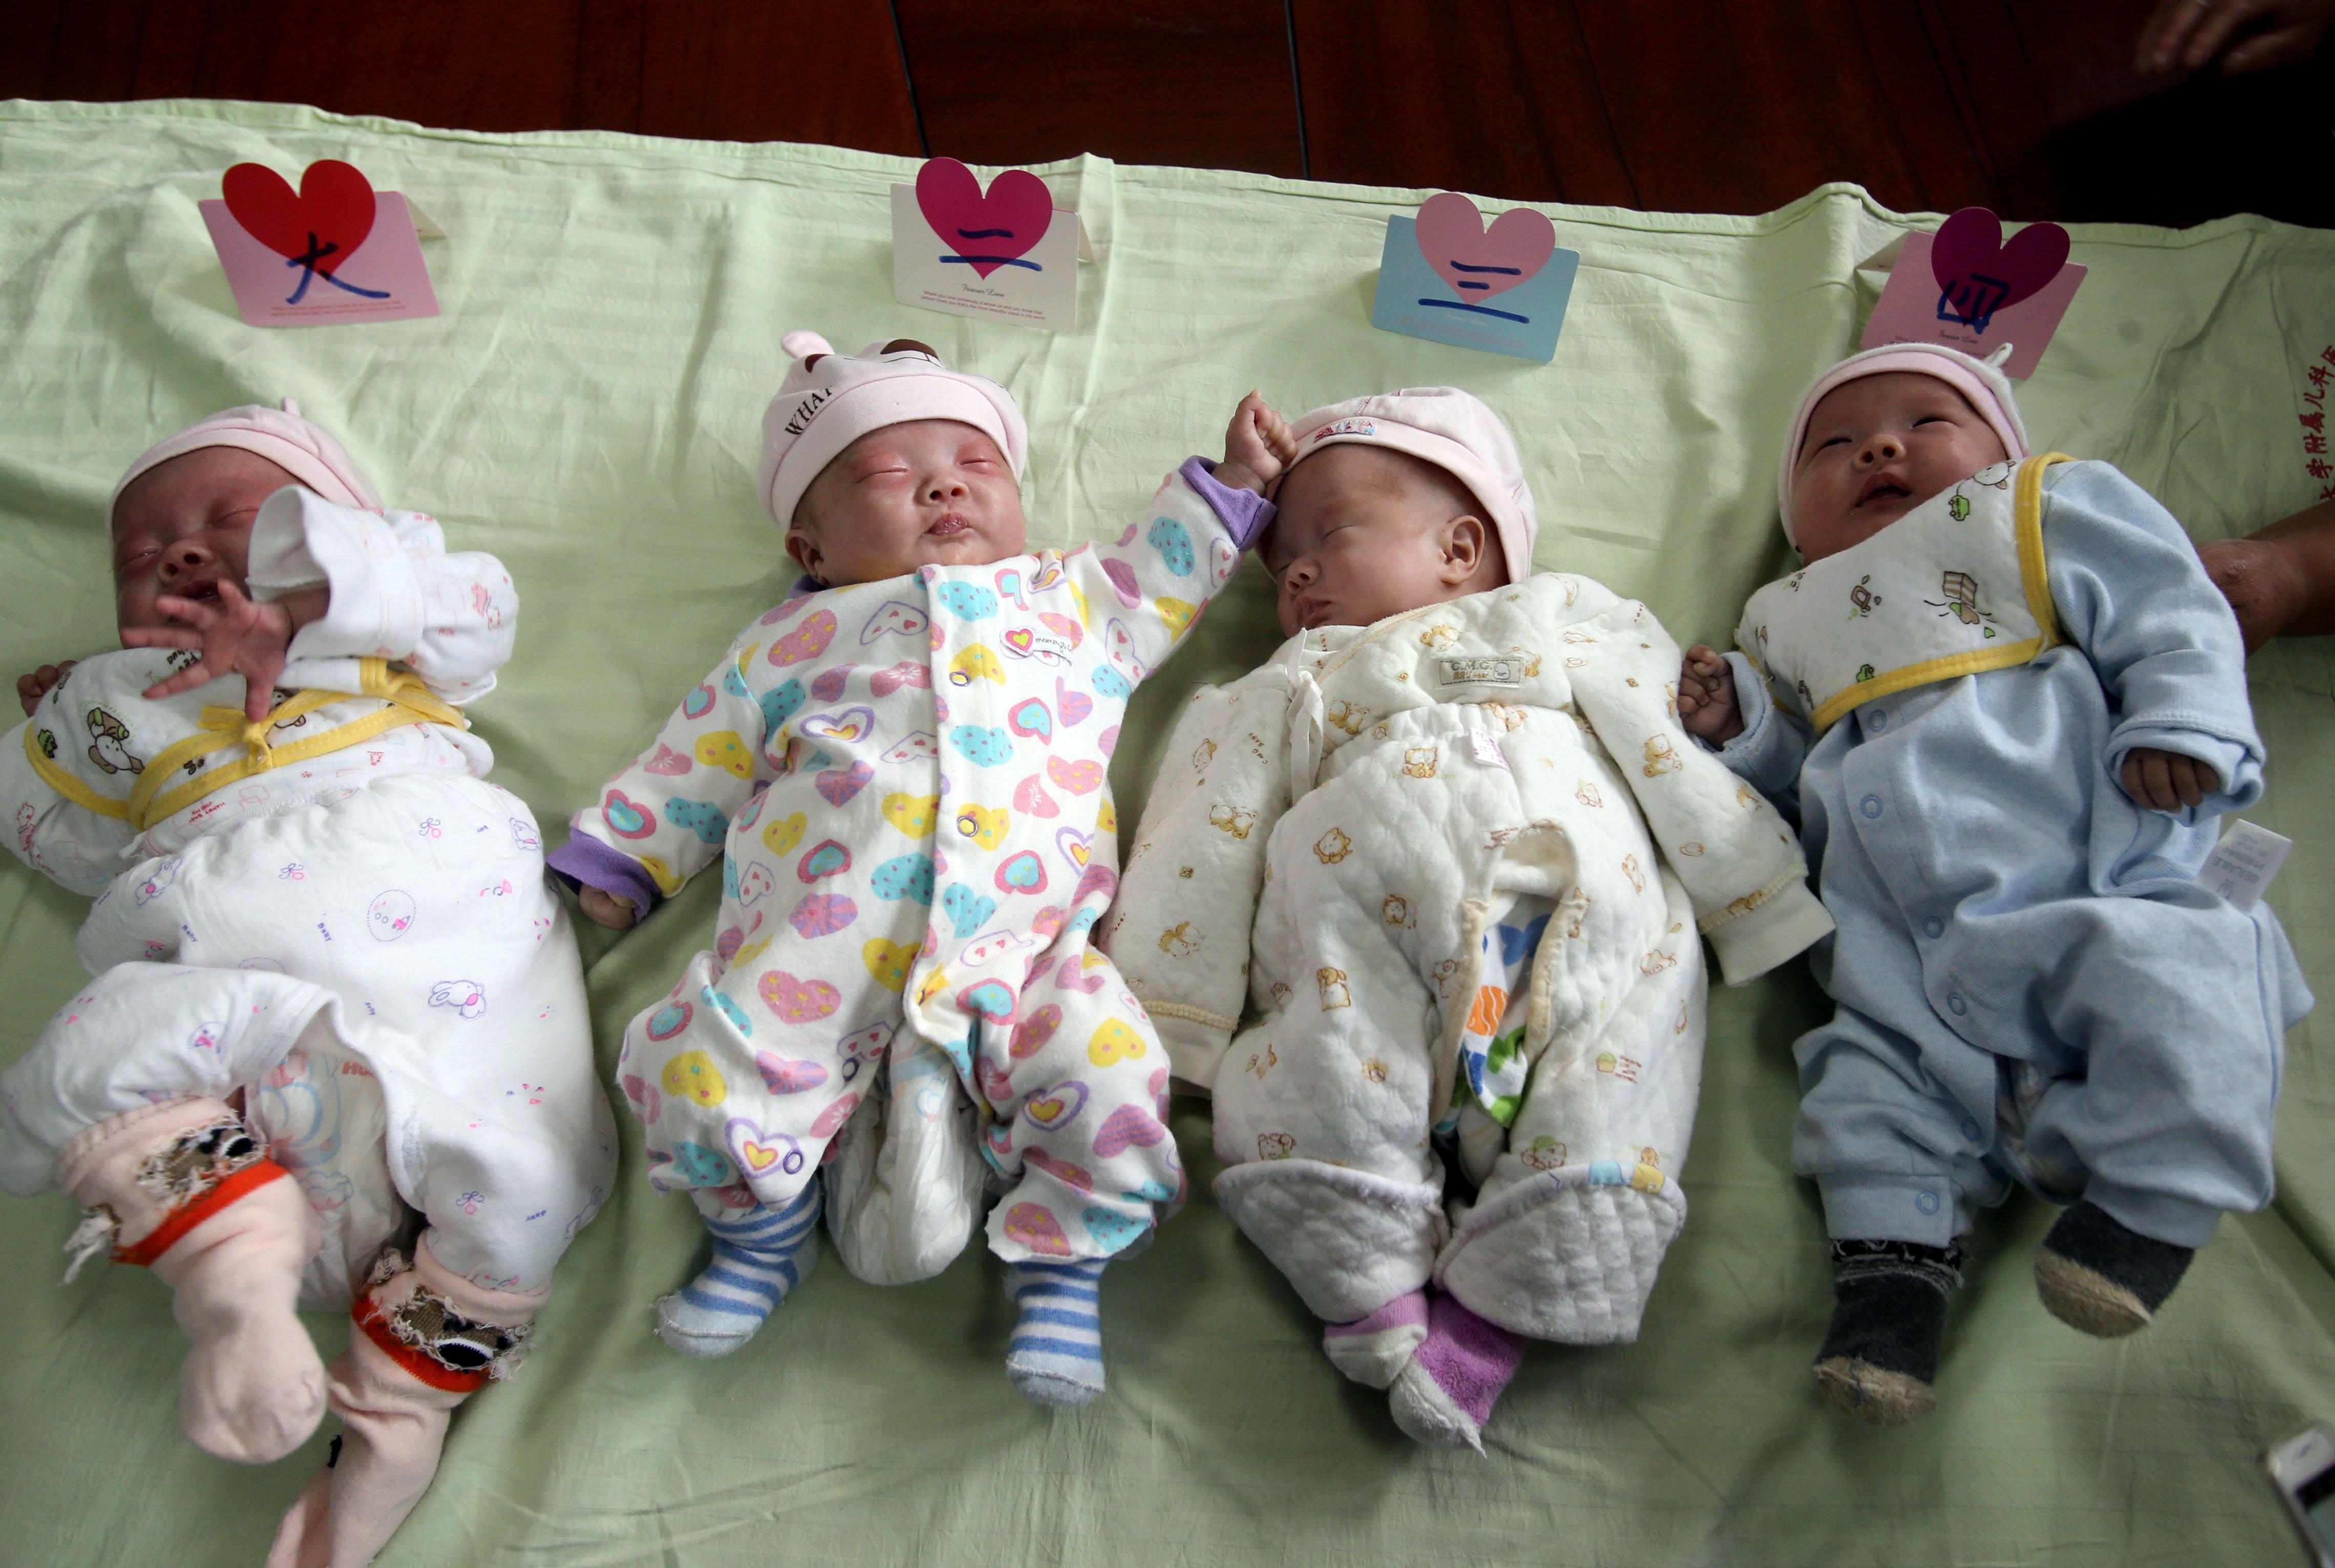 港媒称中国应继续鼓励生育:直接发放补贴或给父母减税